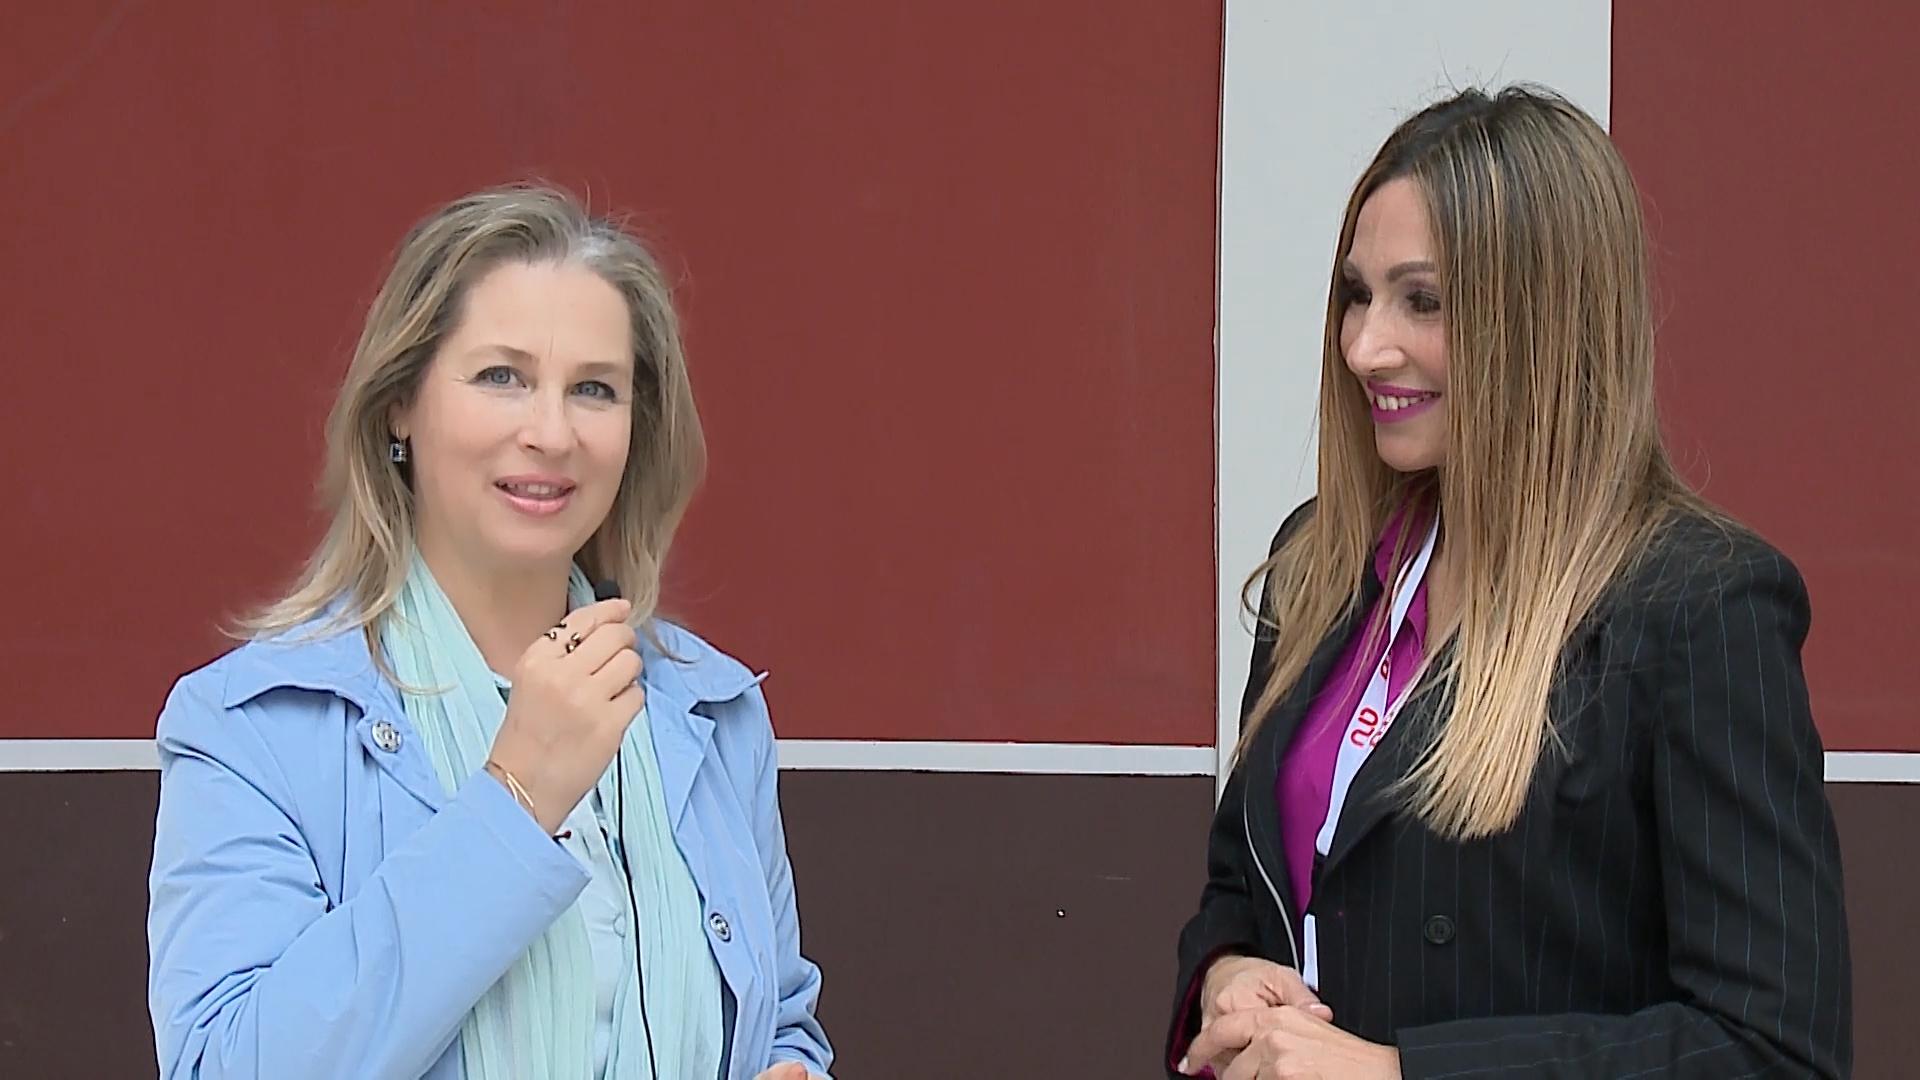 Η Ιφιγένεια Τσαντίλη συνομιλεί με την Ελένη Πετρουλάκη για σωστή άσκηση και ευεξία